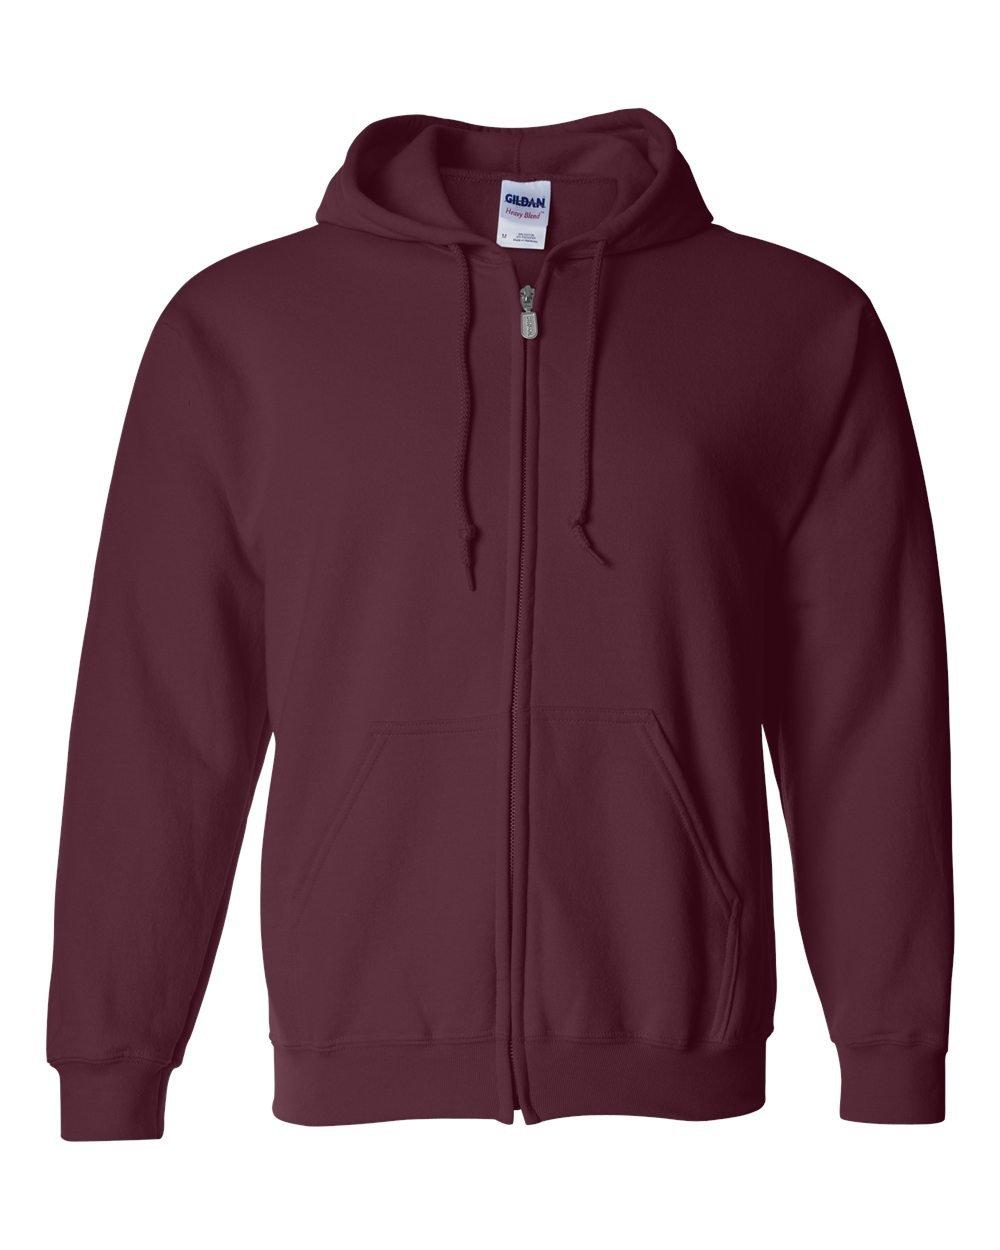 Gildan Men's Fleece Zip Hooded Sweatshirt, Gildan Men's Activewear M25242